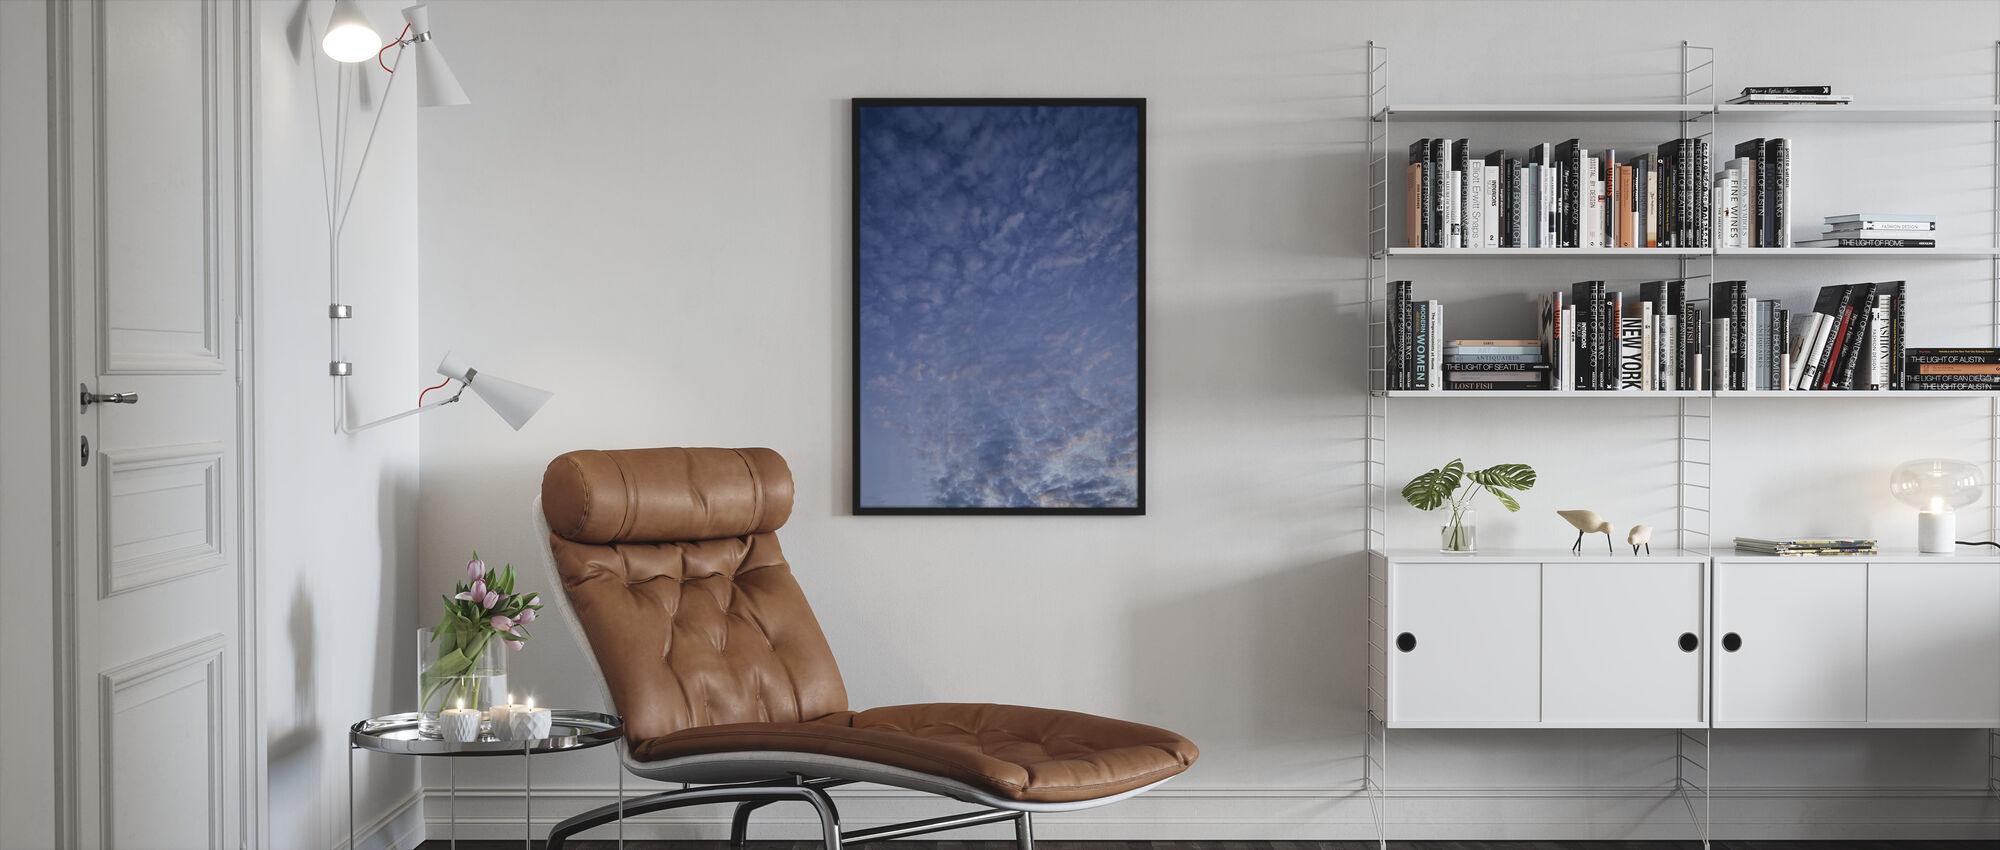 Blue Cloudscape - Framed print - Living Room